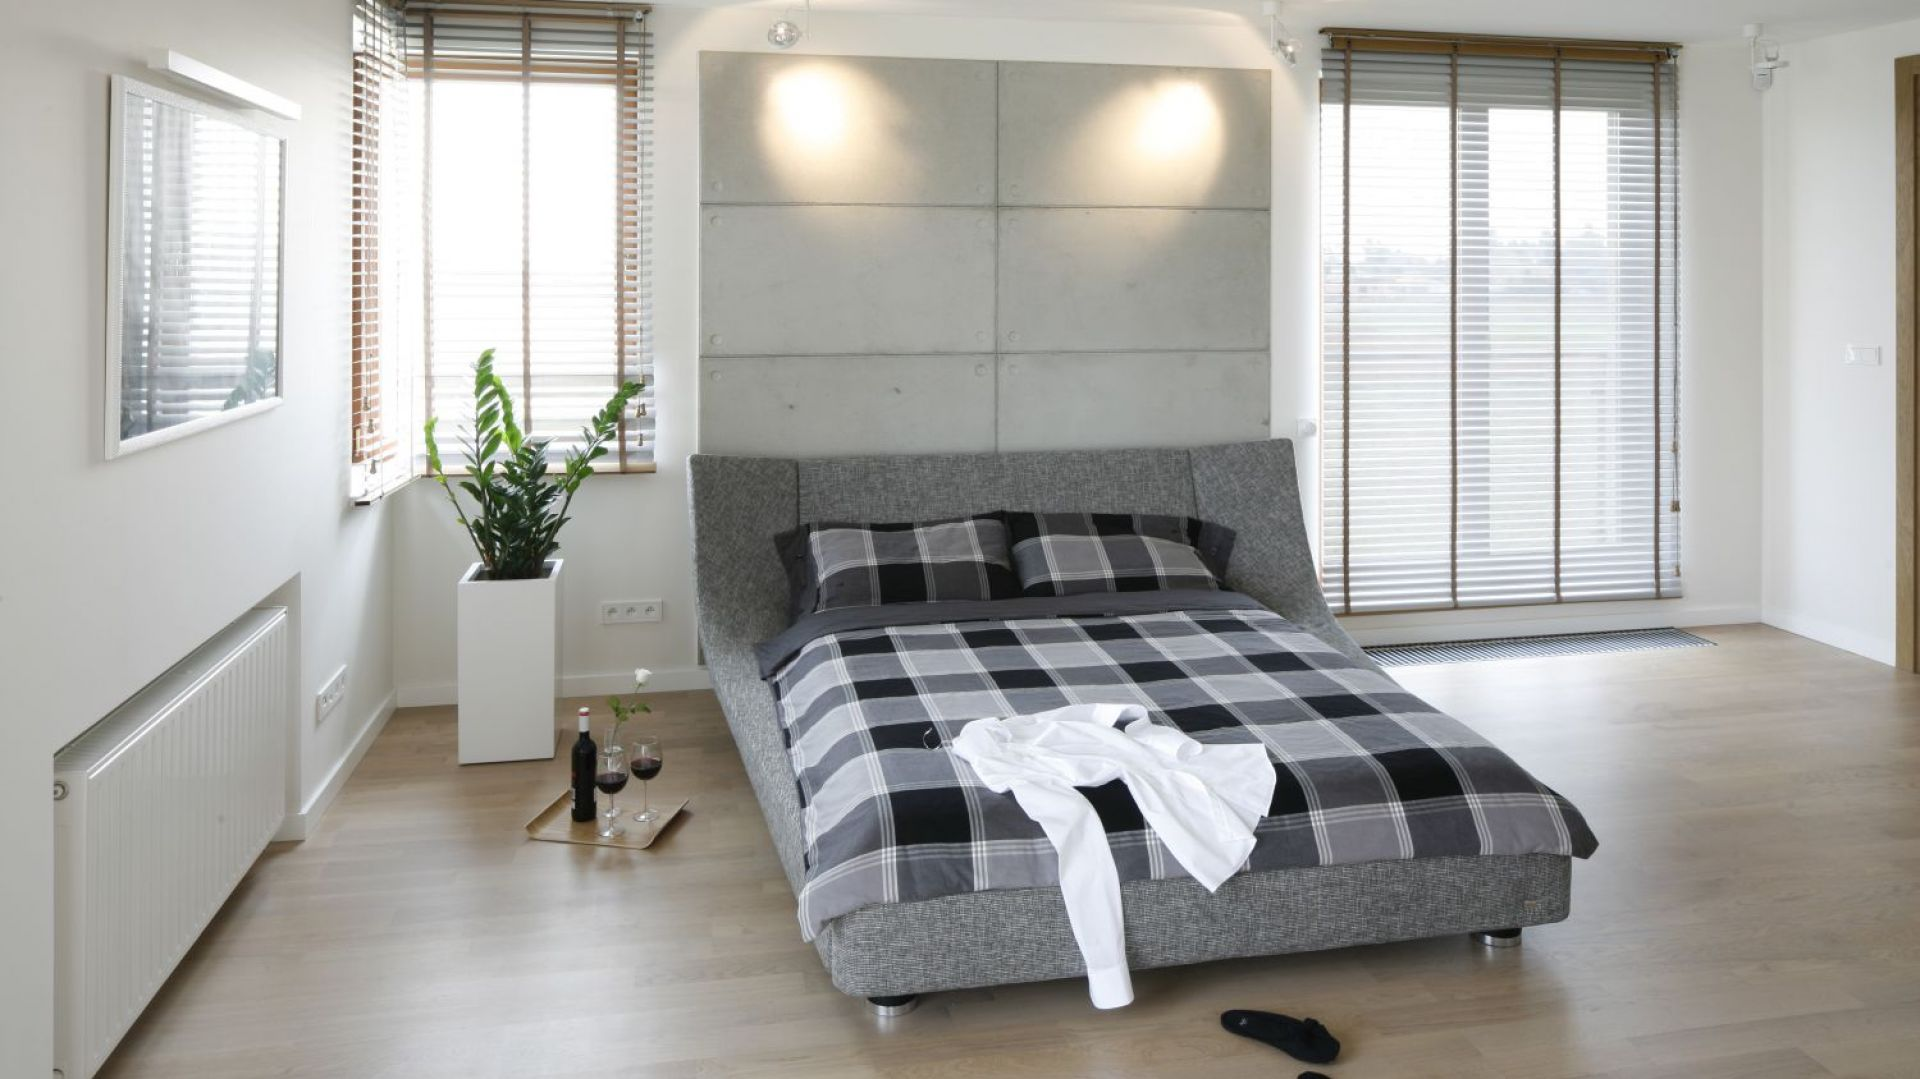 Tapicerowane łóżko w szarym kolorze to nowoczesny i niezwykle modny element wnętrza. Doskonale prezentuje się na tle białej ściany. Projekt Agnieszka Ludwinowska. Fot. Bartosz Jarosz